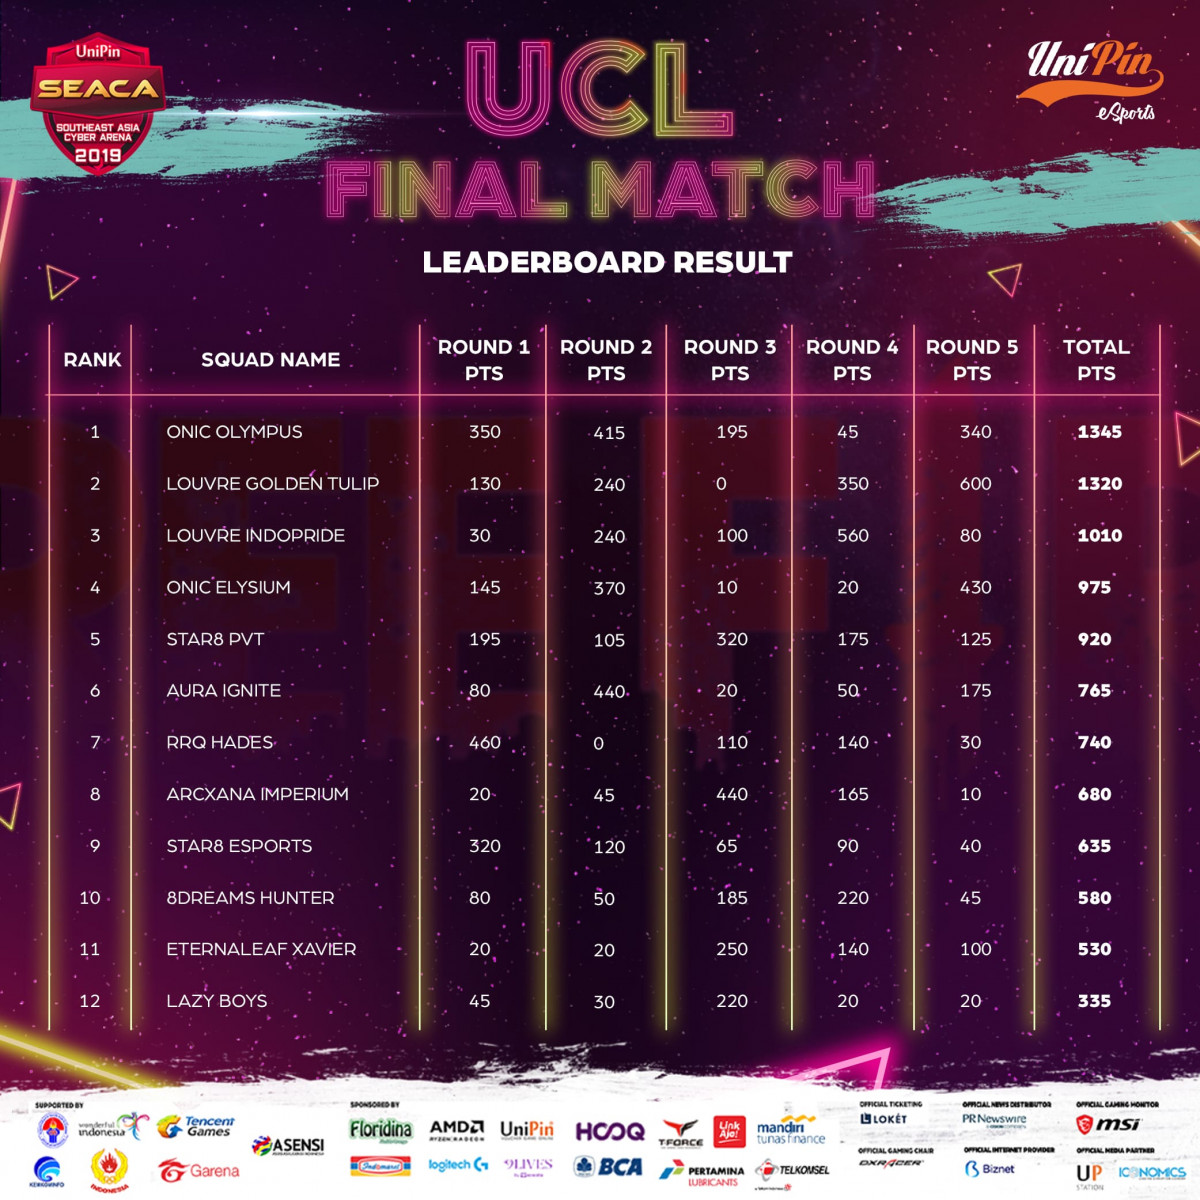 Onic Olympus Tampil Garang dan Jadi Juara UCL Free Fire SEACA 2019!